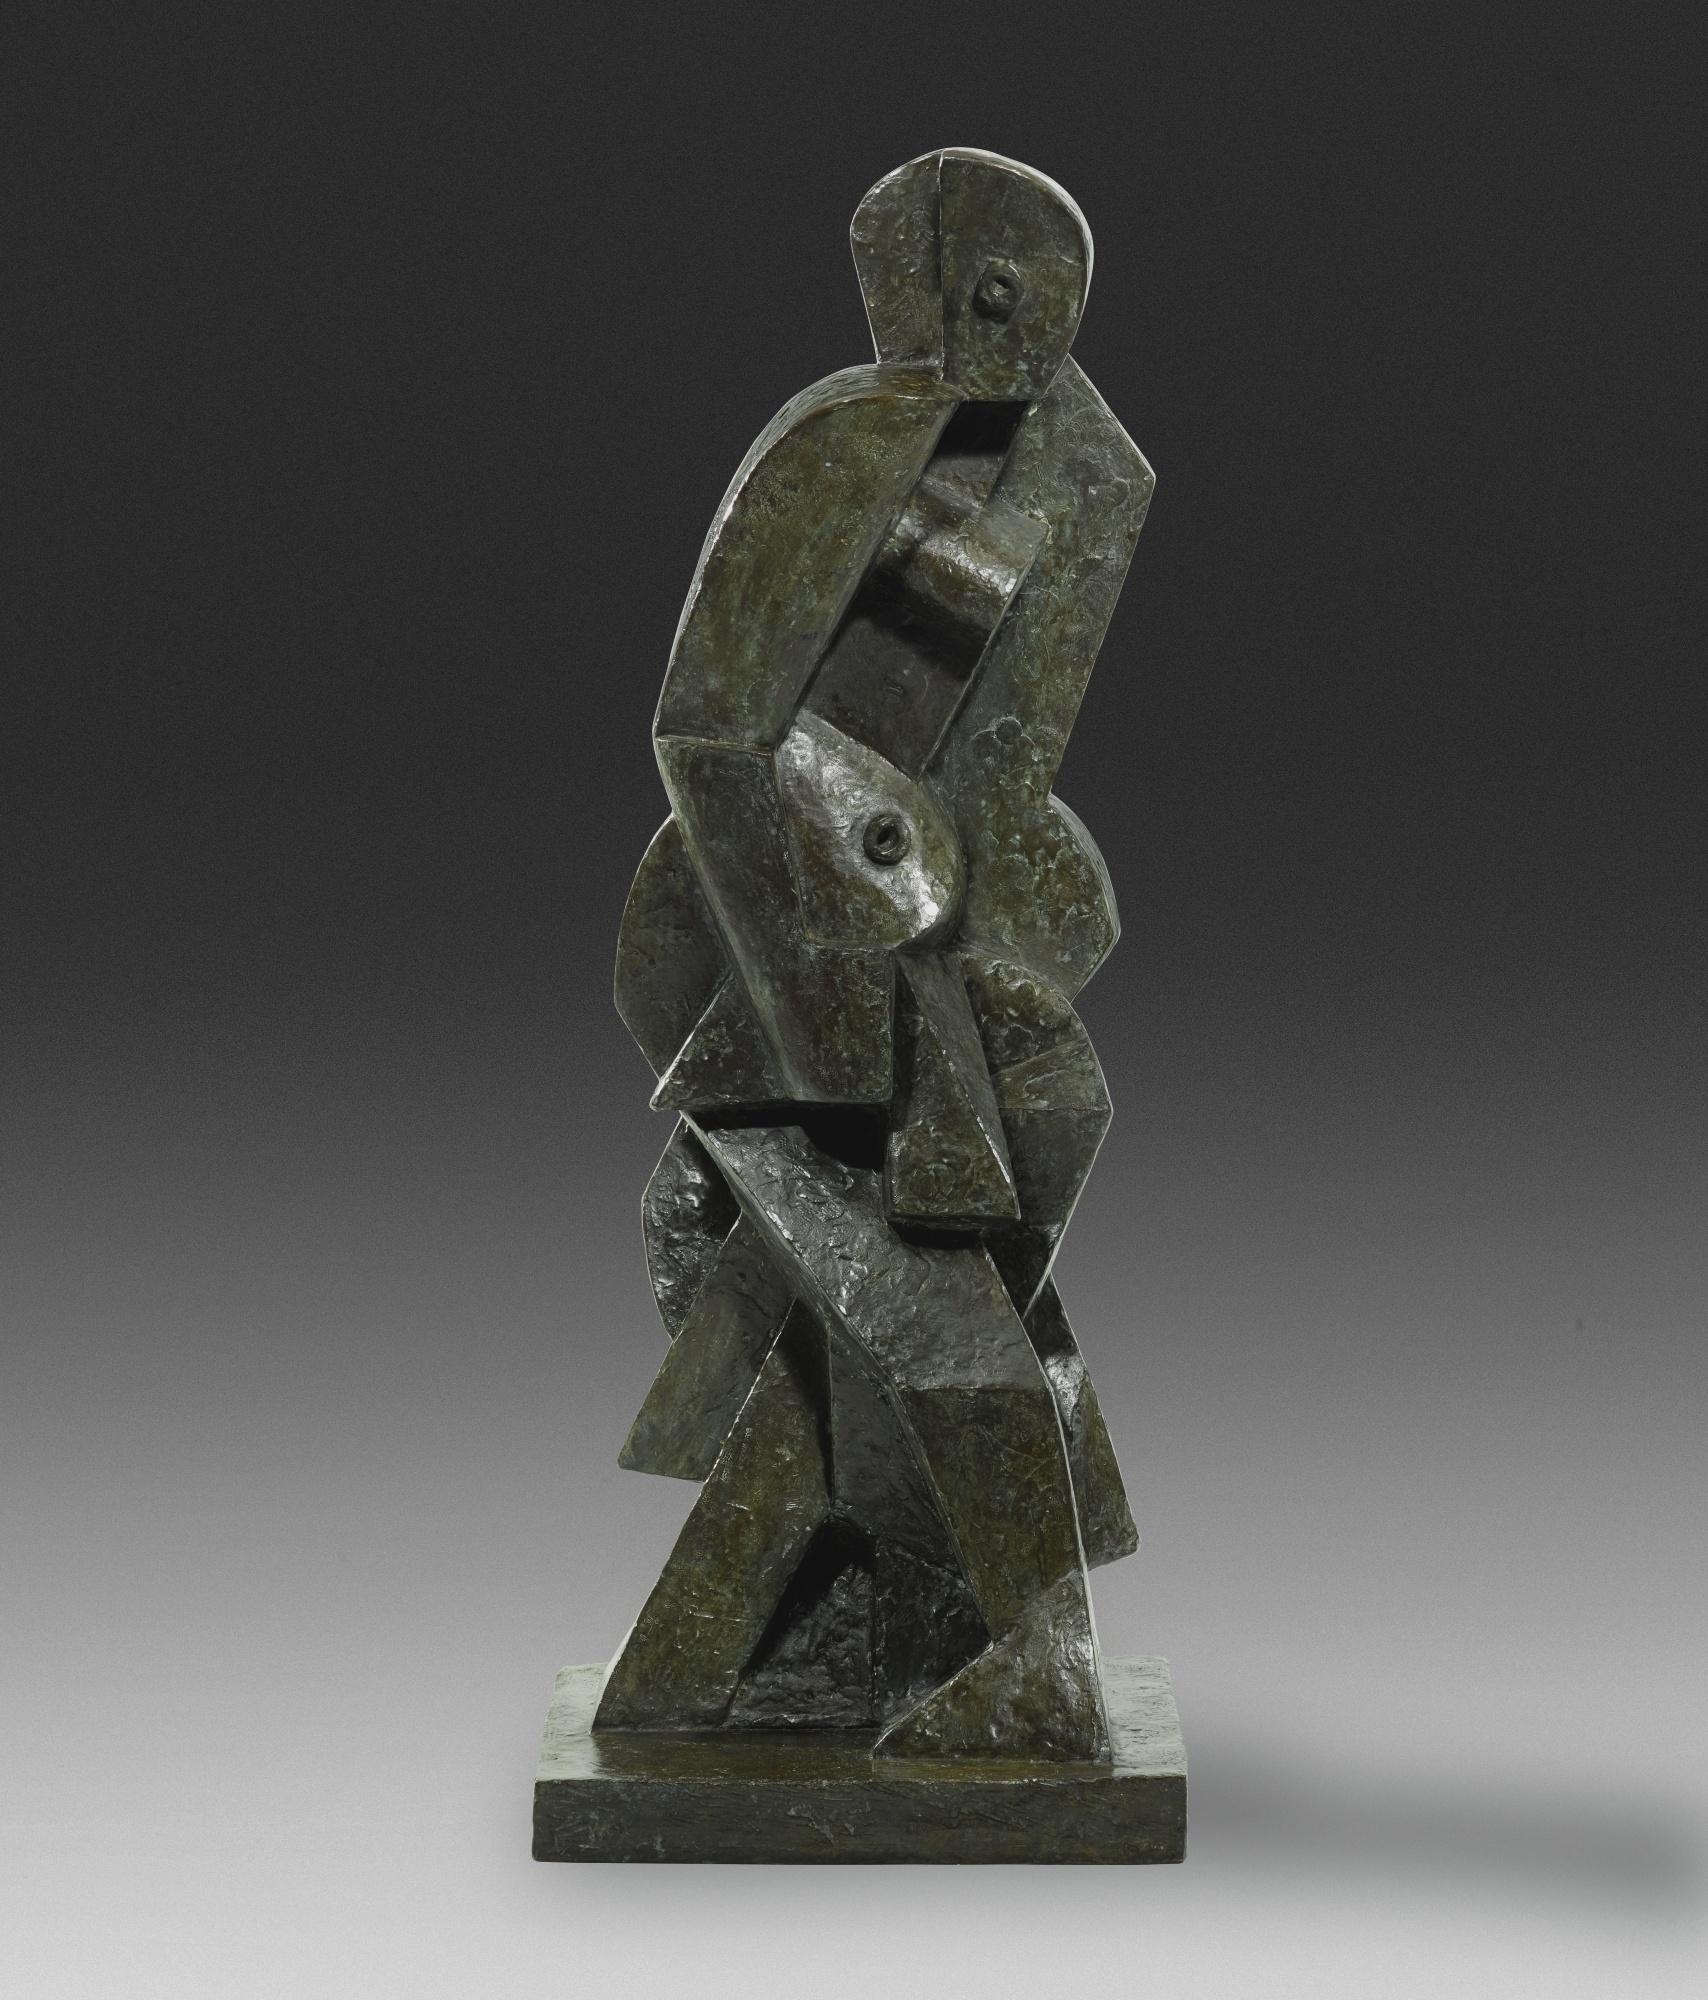 Jacques Lipchitz-Baigneuse-1917